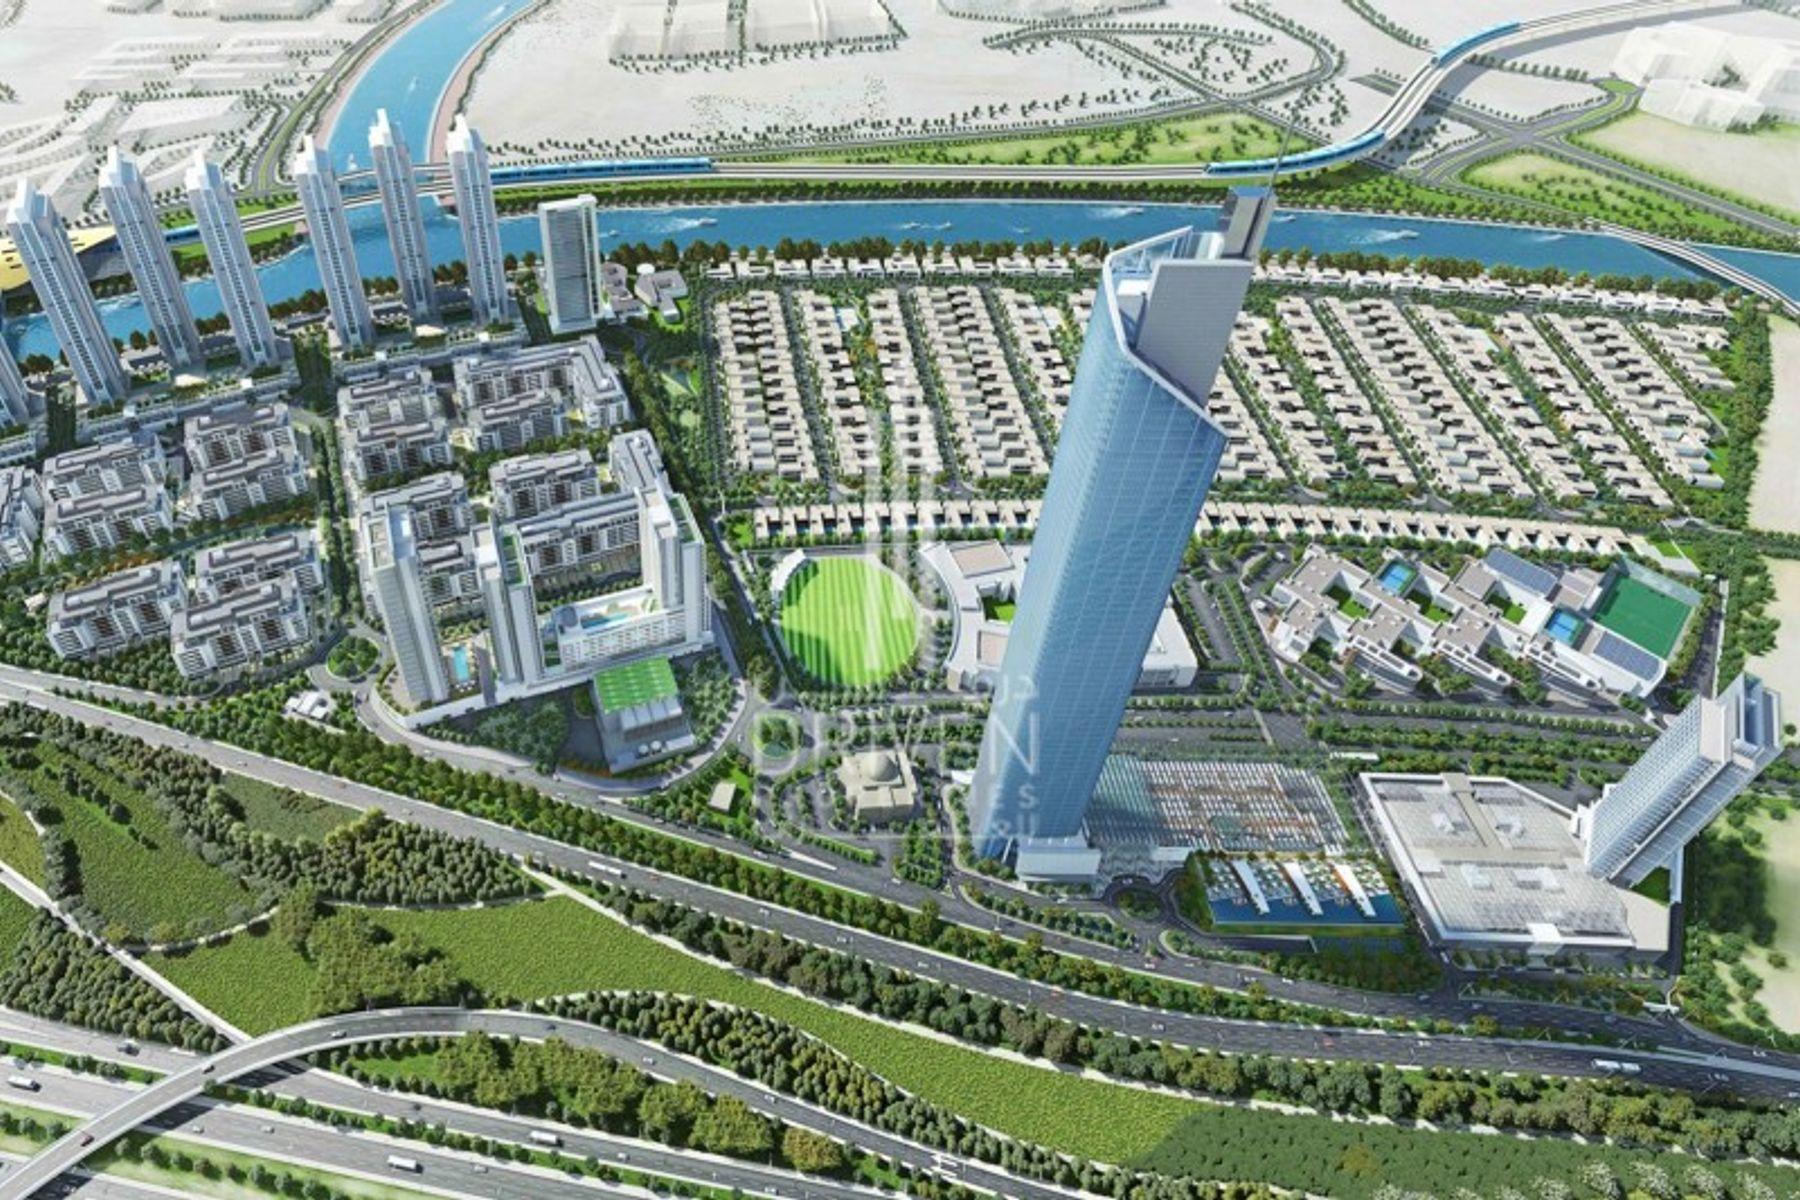 590,000 قدم مربع  أرض متعددة الاستخدامات - للبيع - مدينة الشيخ محمد بن راشد